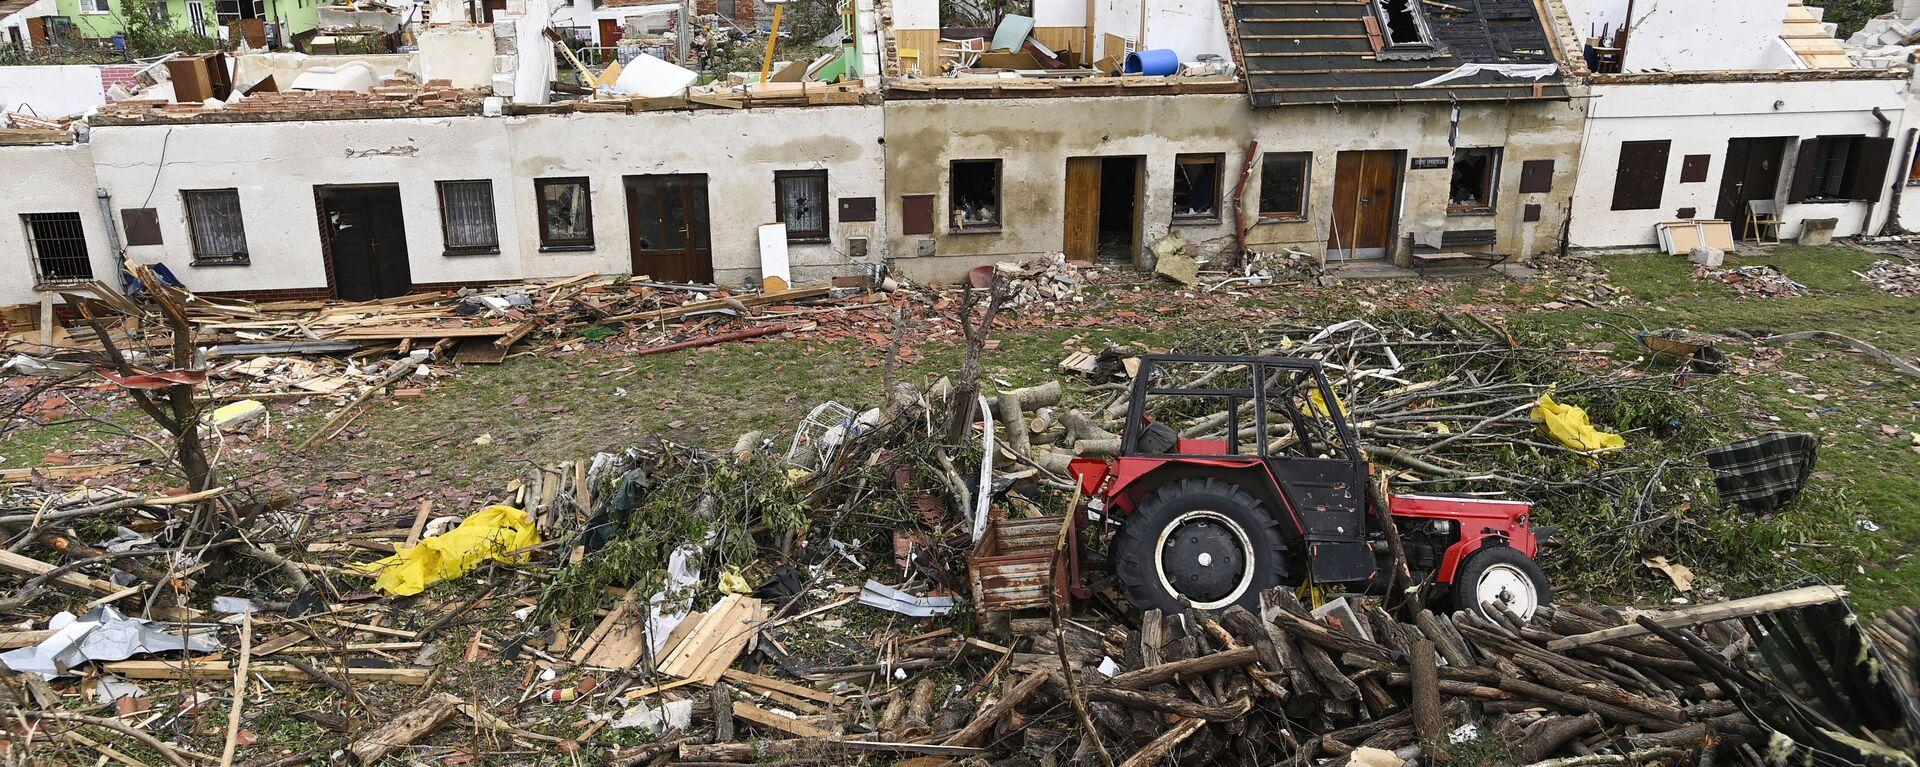 Převrácený traktor a poškozené domy po tornádu, které zasáhlo obec Mikulčice - Sputnik Česká republika, 1920, 27.06.2021